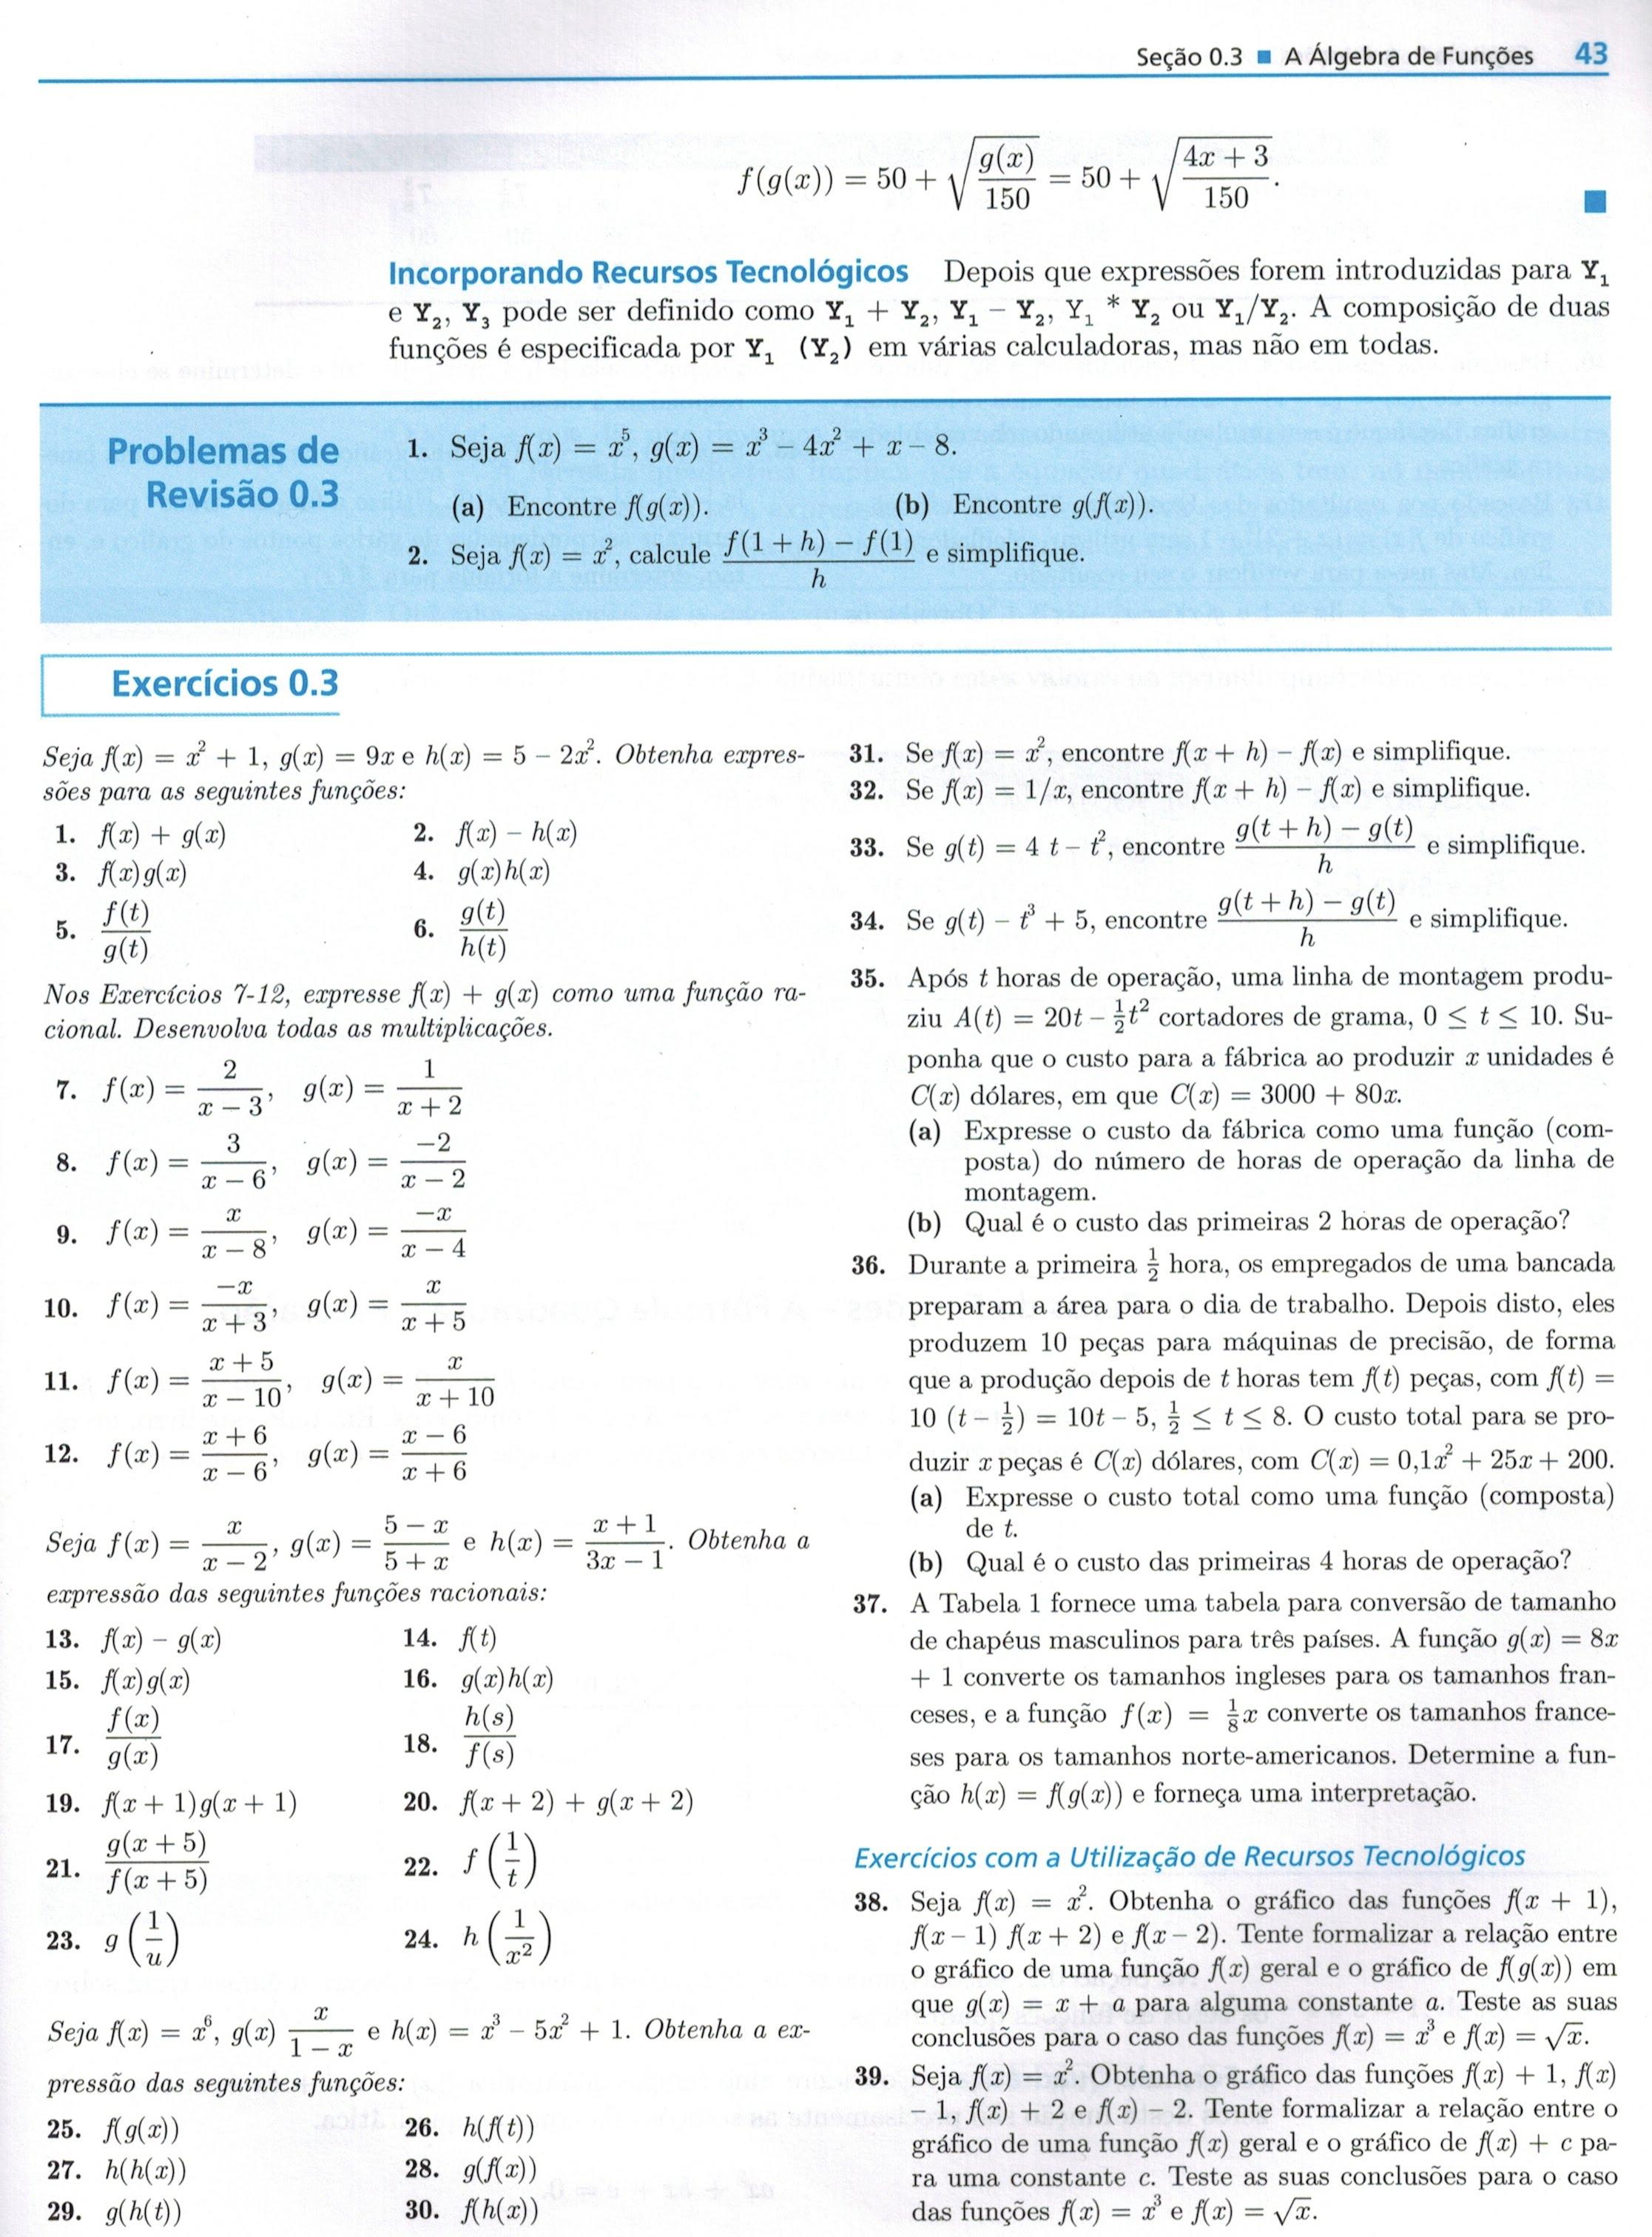 0.3. A álgebra de funções